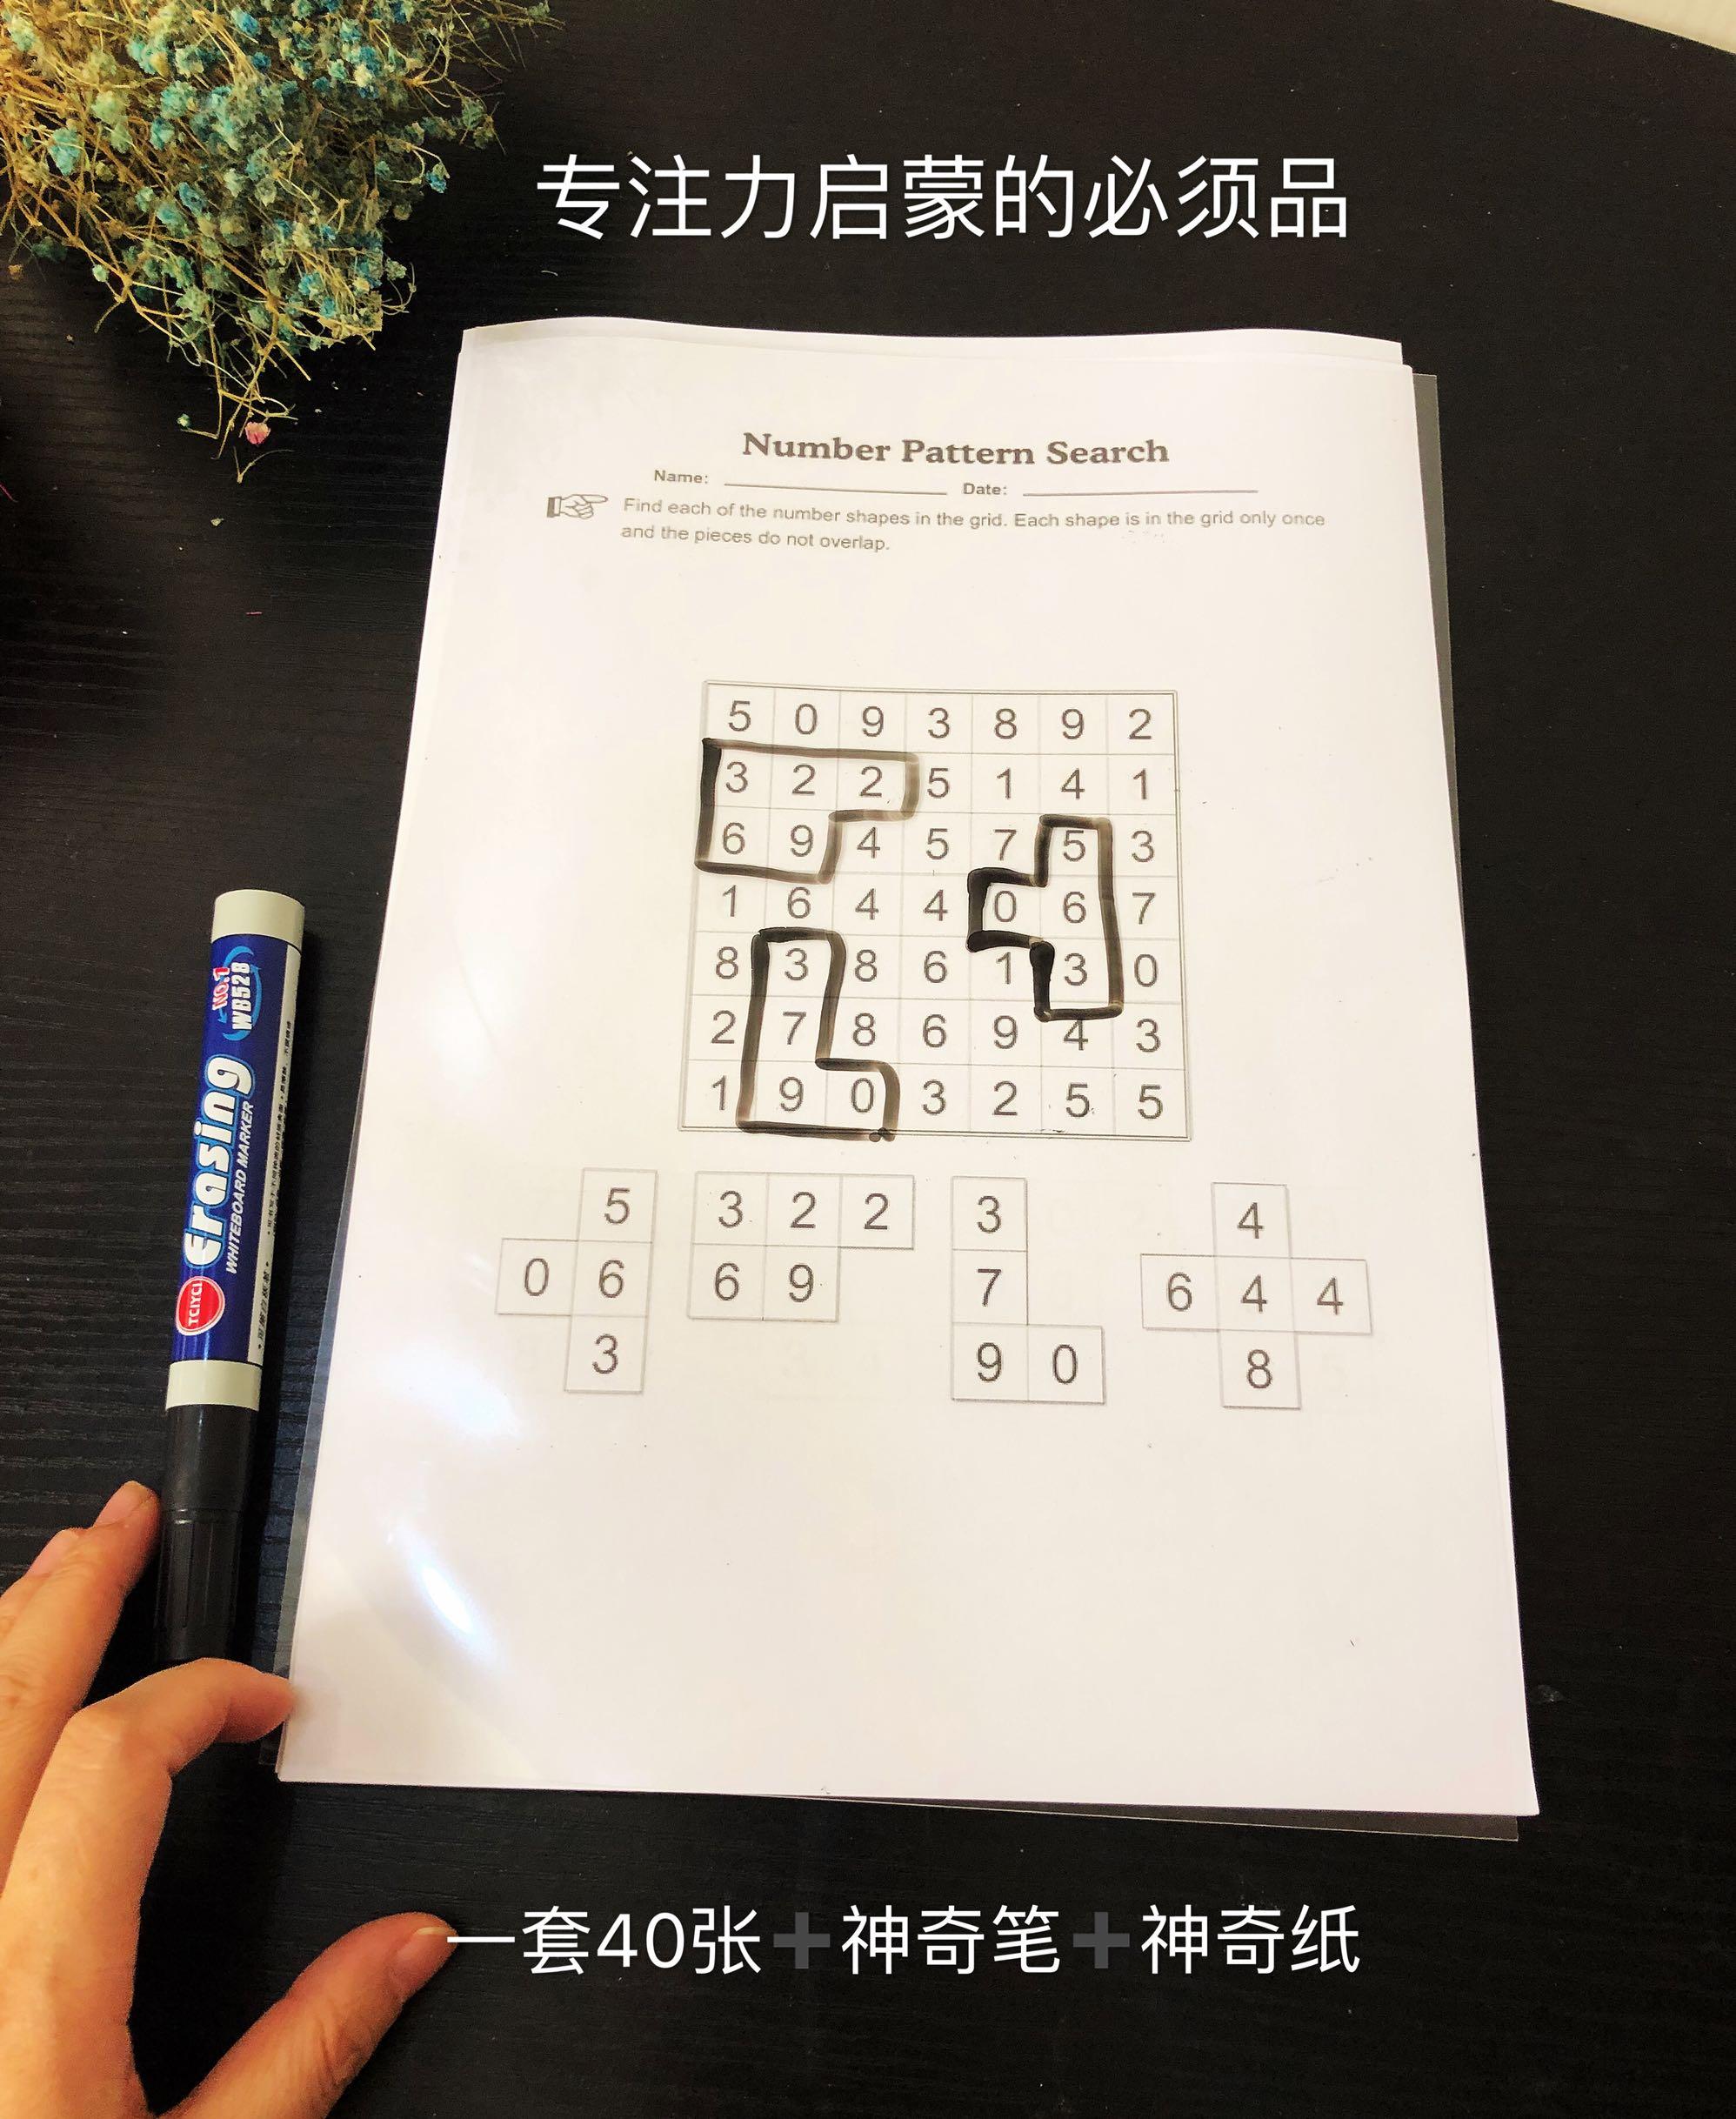 【数字大搜索】 记忆力、观察力、专注力、逻辑思维训练 趣味数学